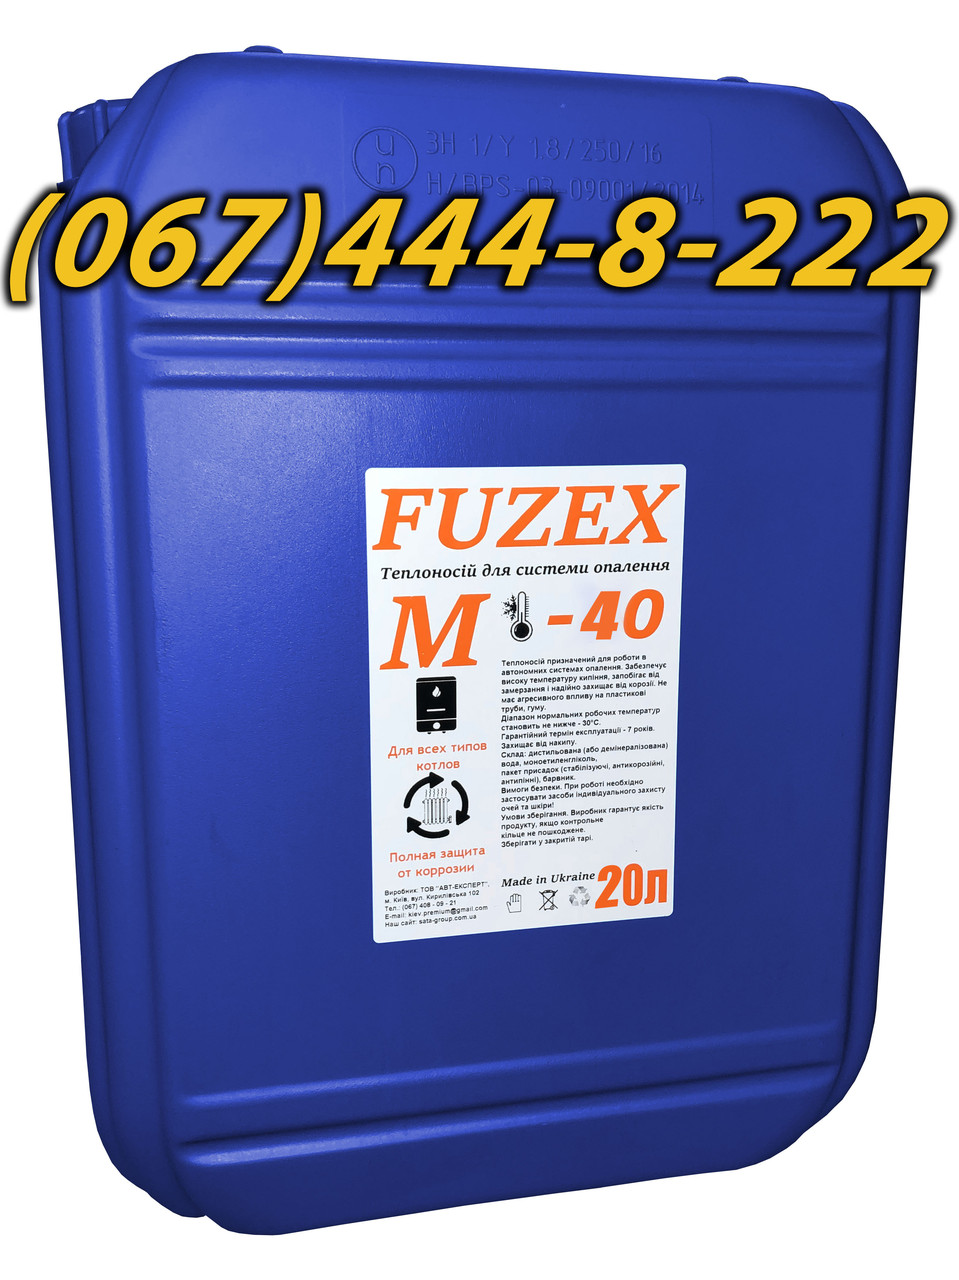 Теплоноситель для системы отопления Fuzex M -40